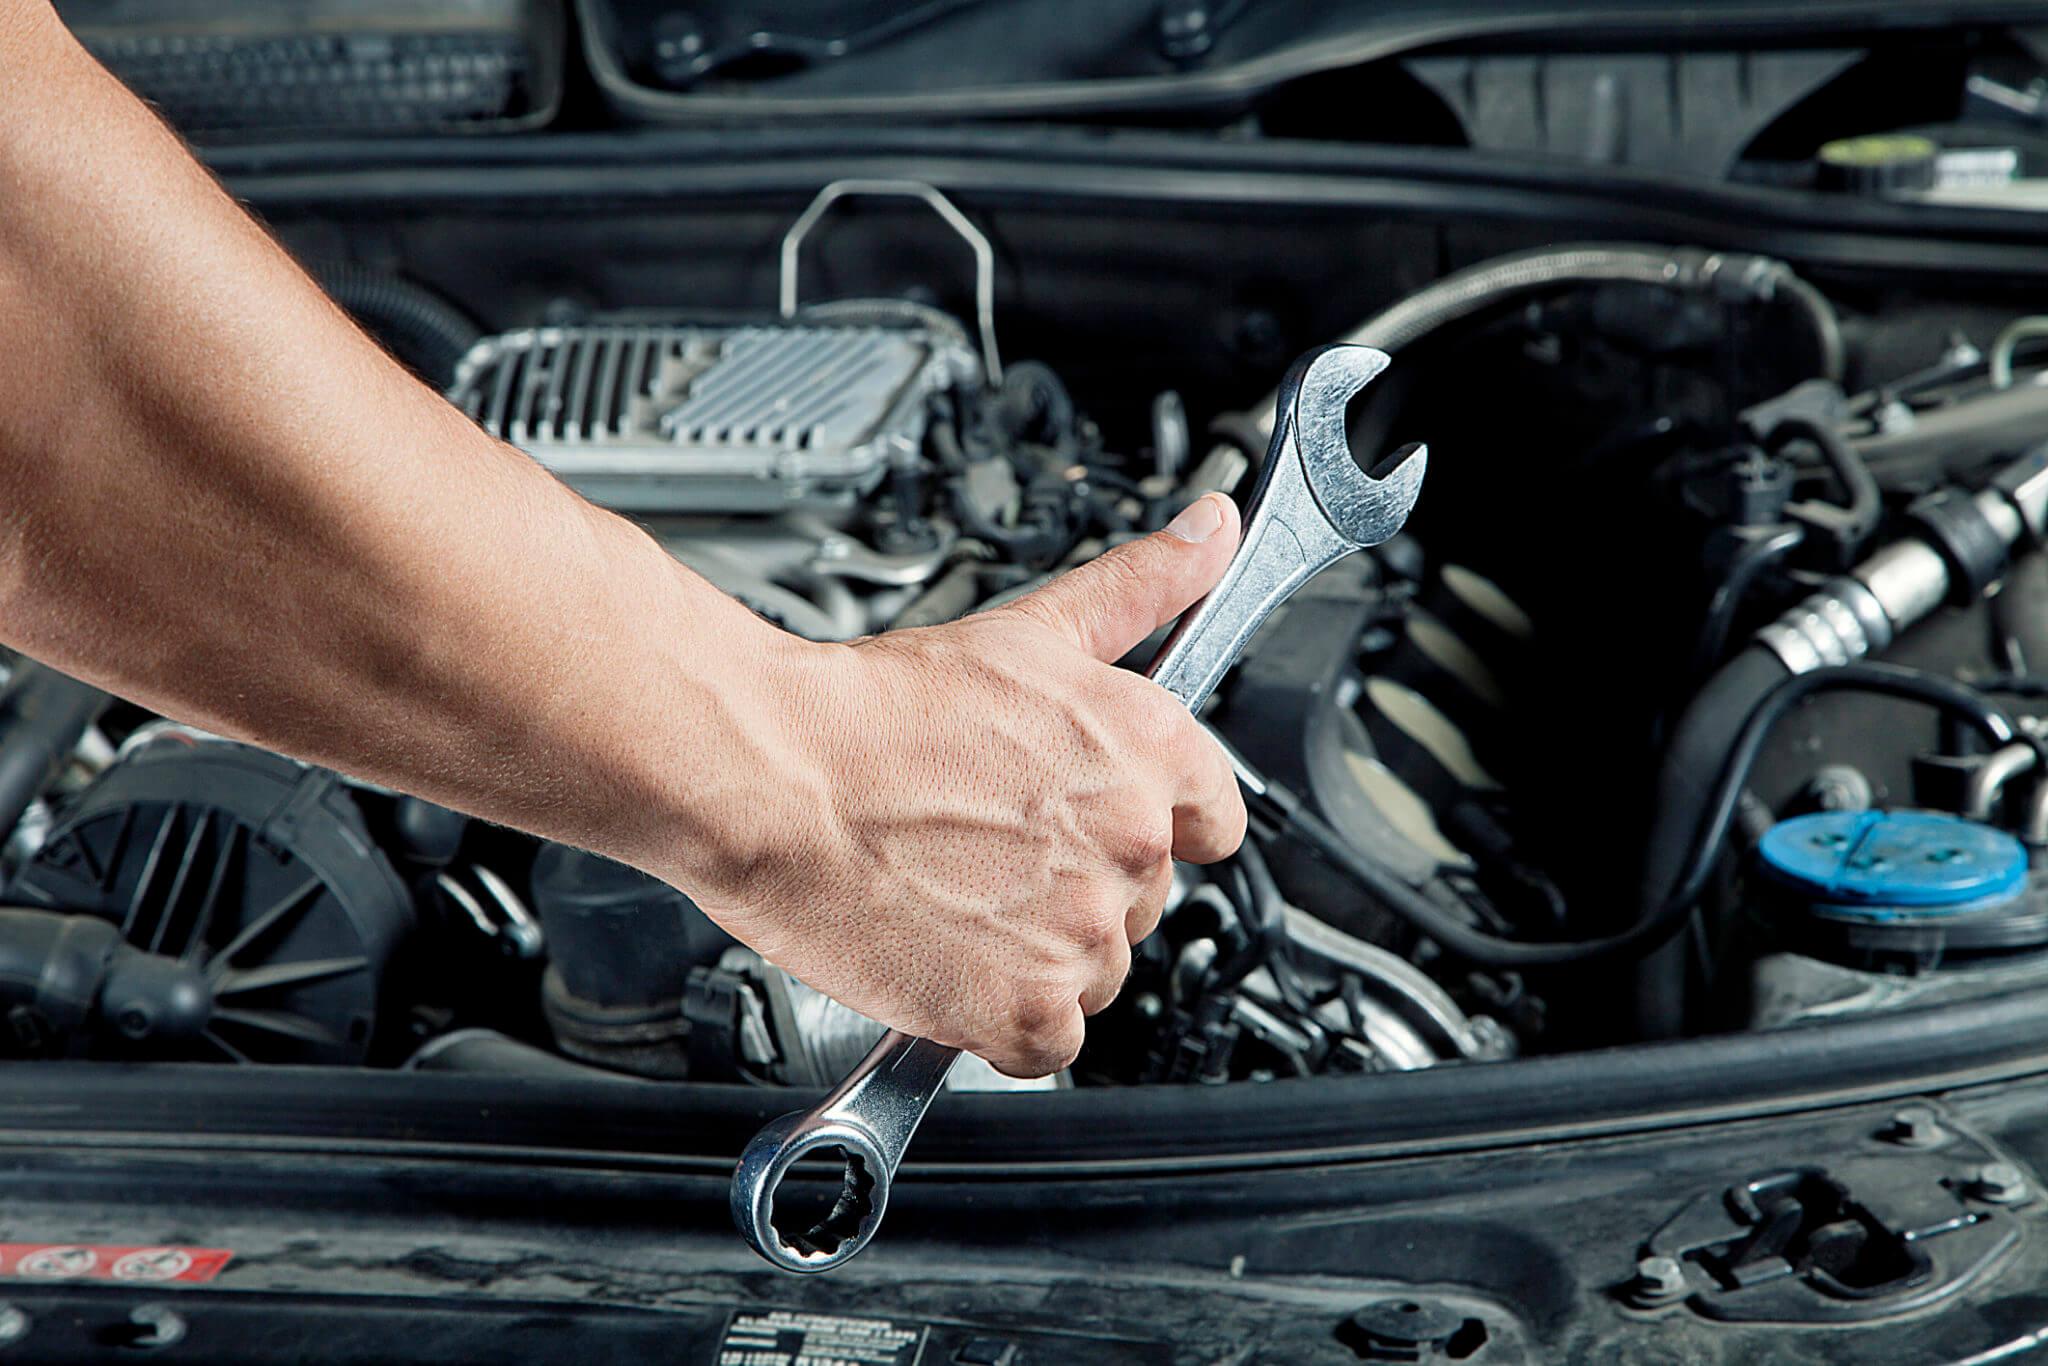 5 Peças De Carro Que Você Precisa Ficar Em Constante Atenção